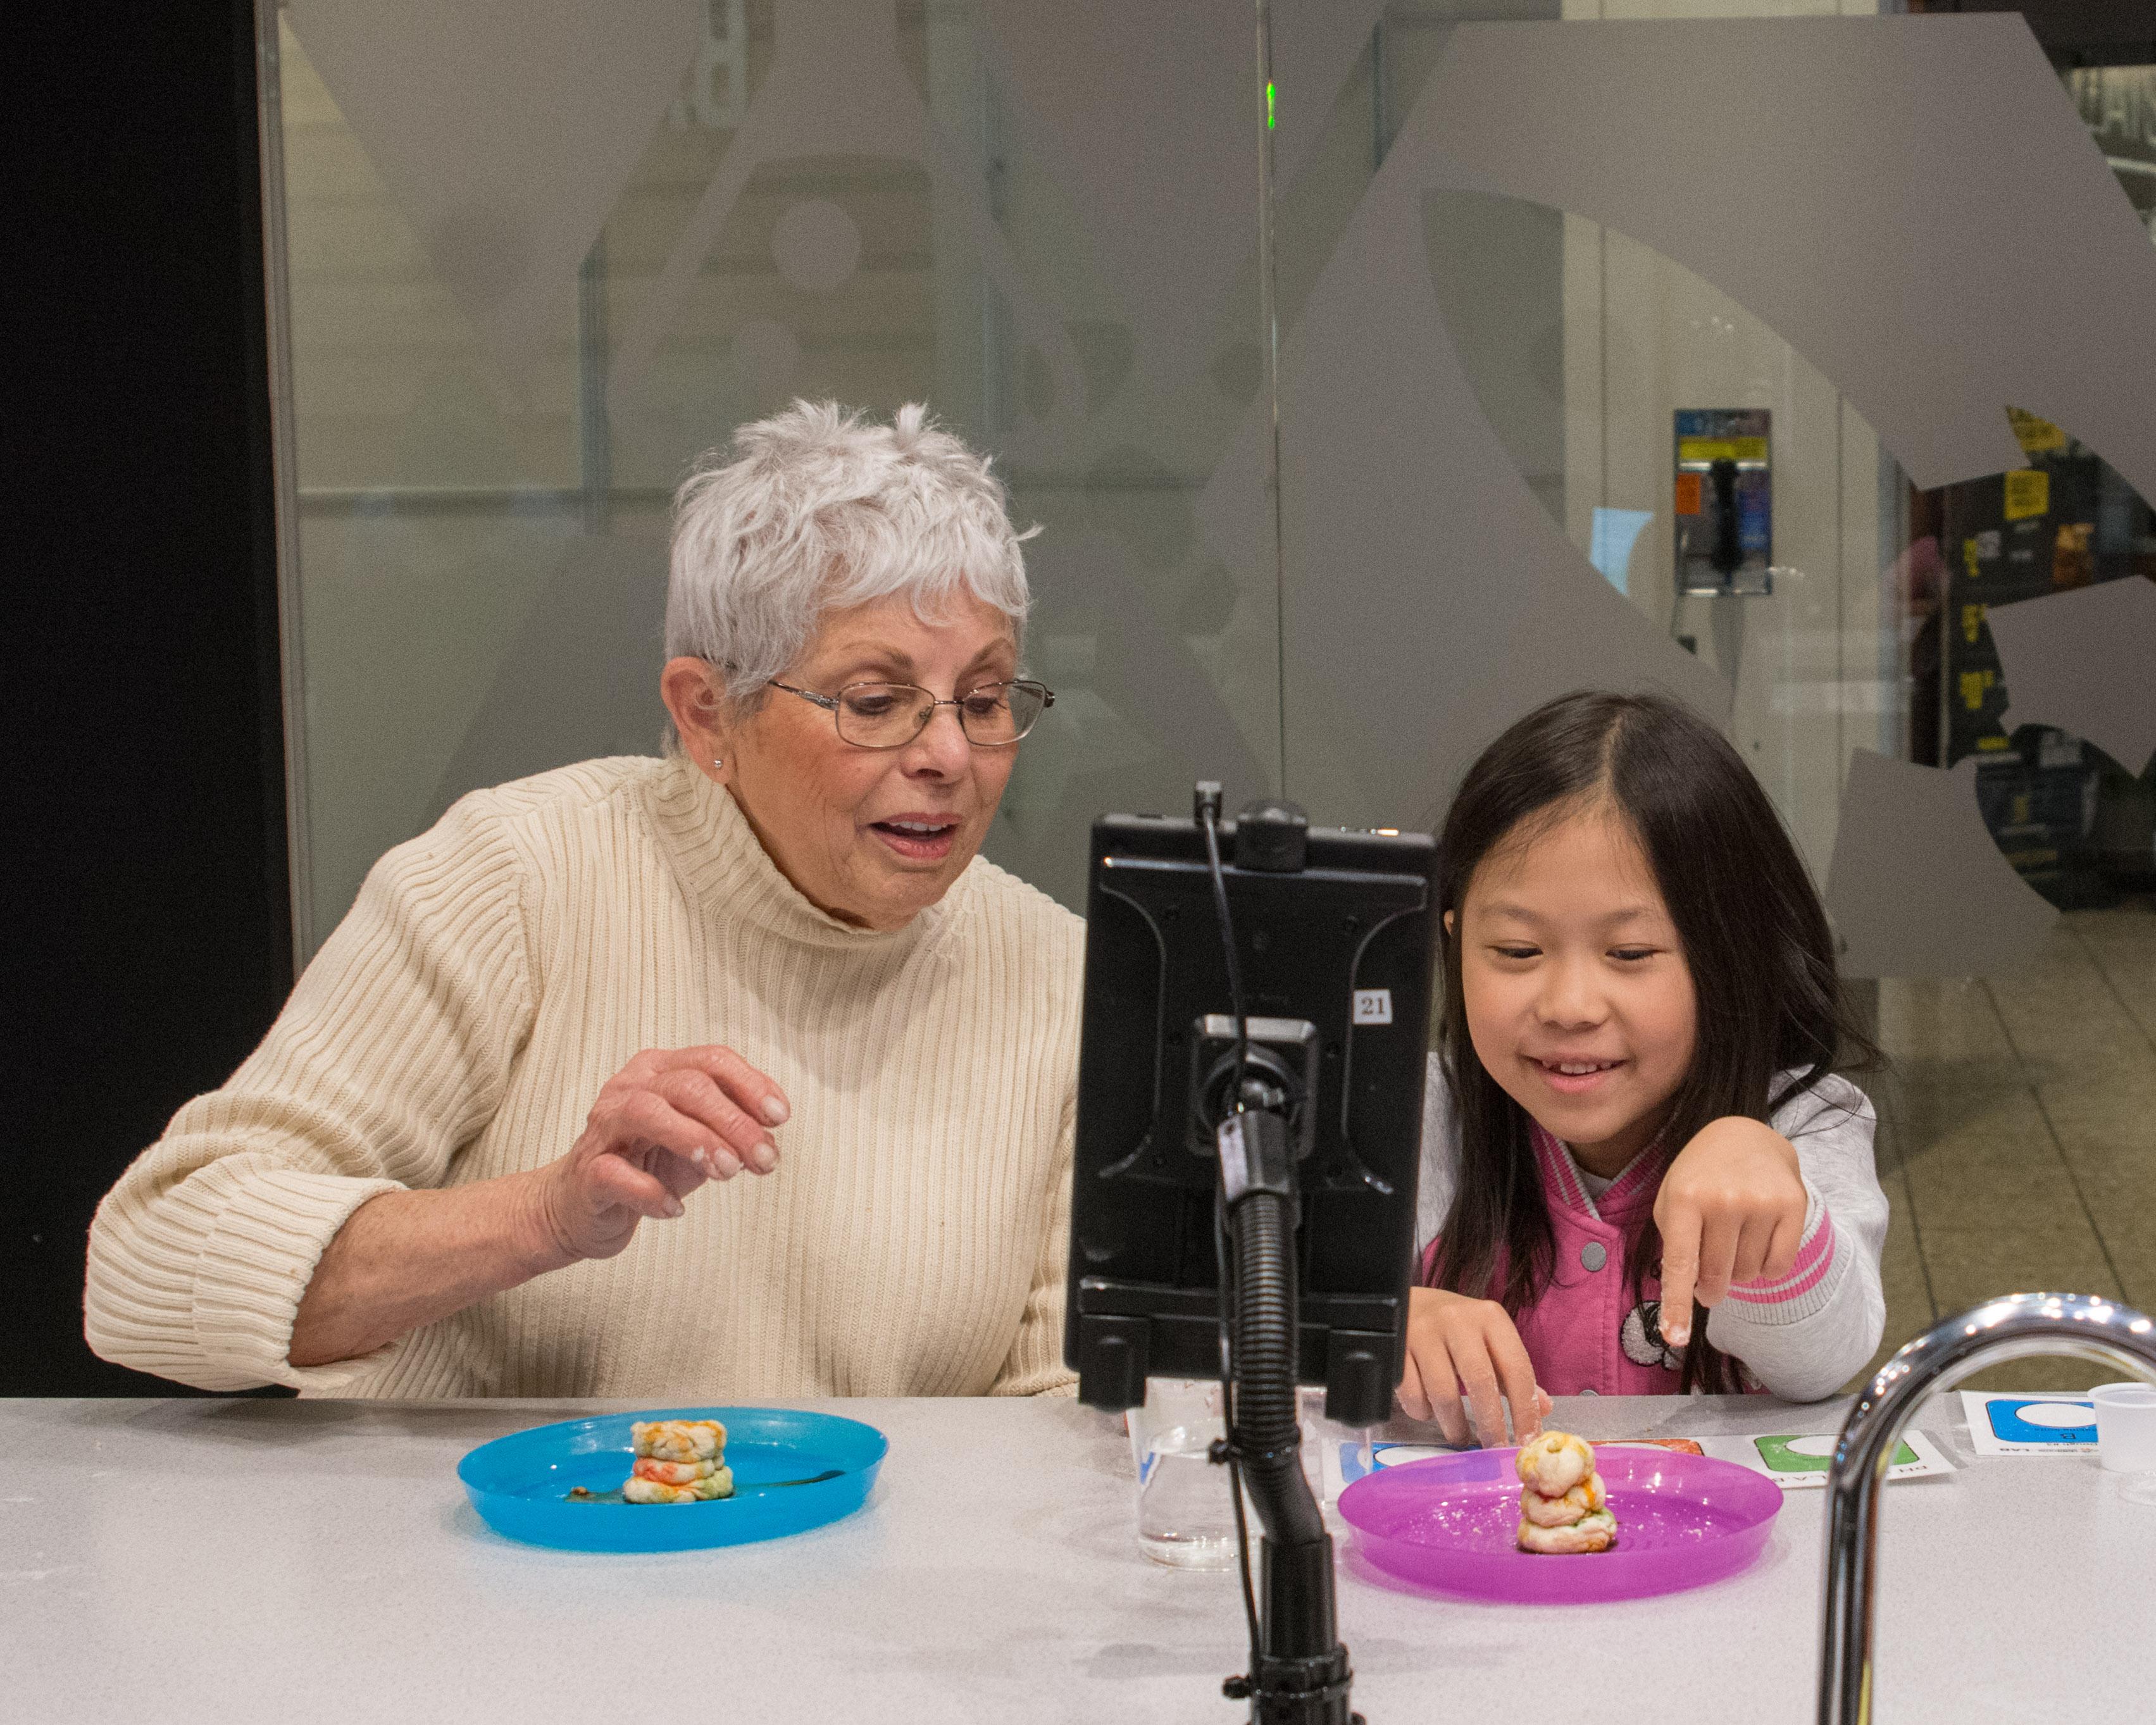 grandma teaching small child